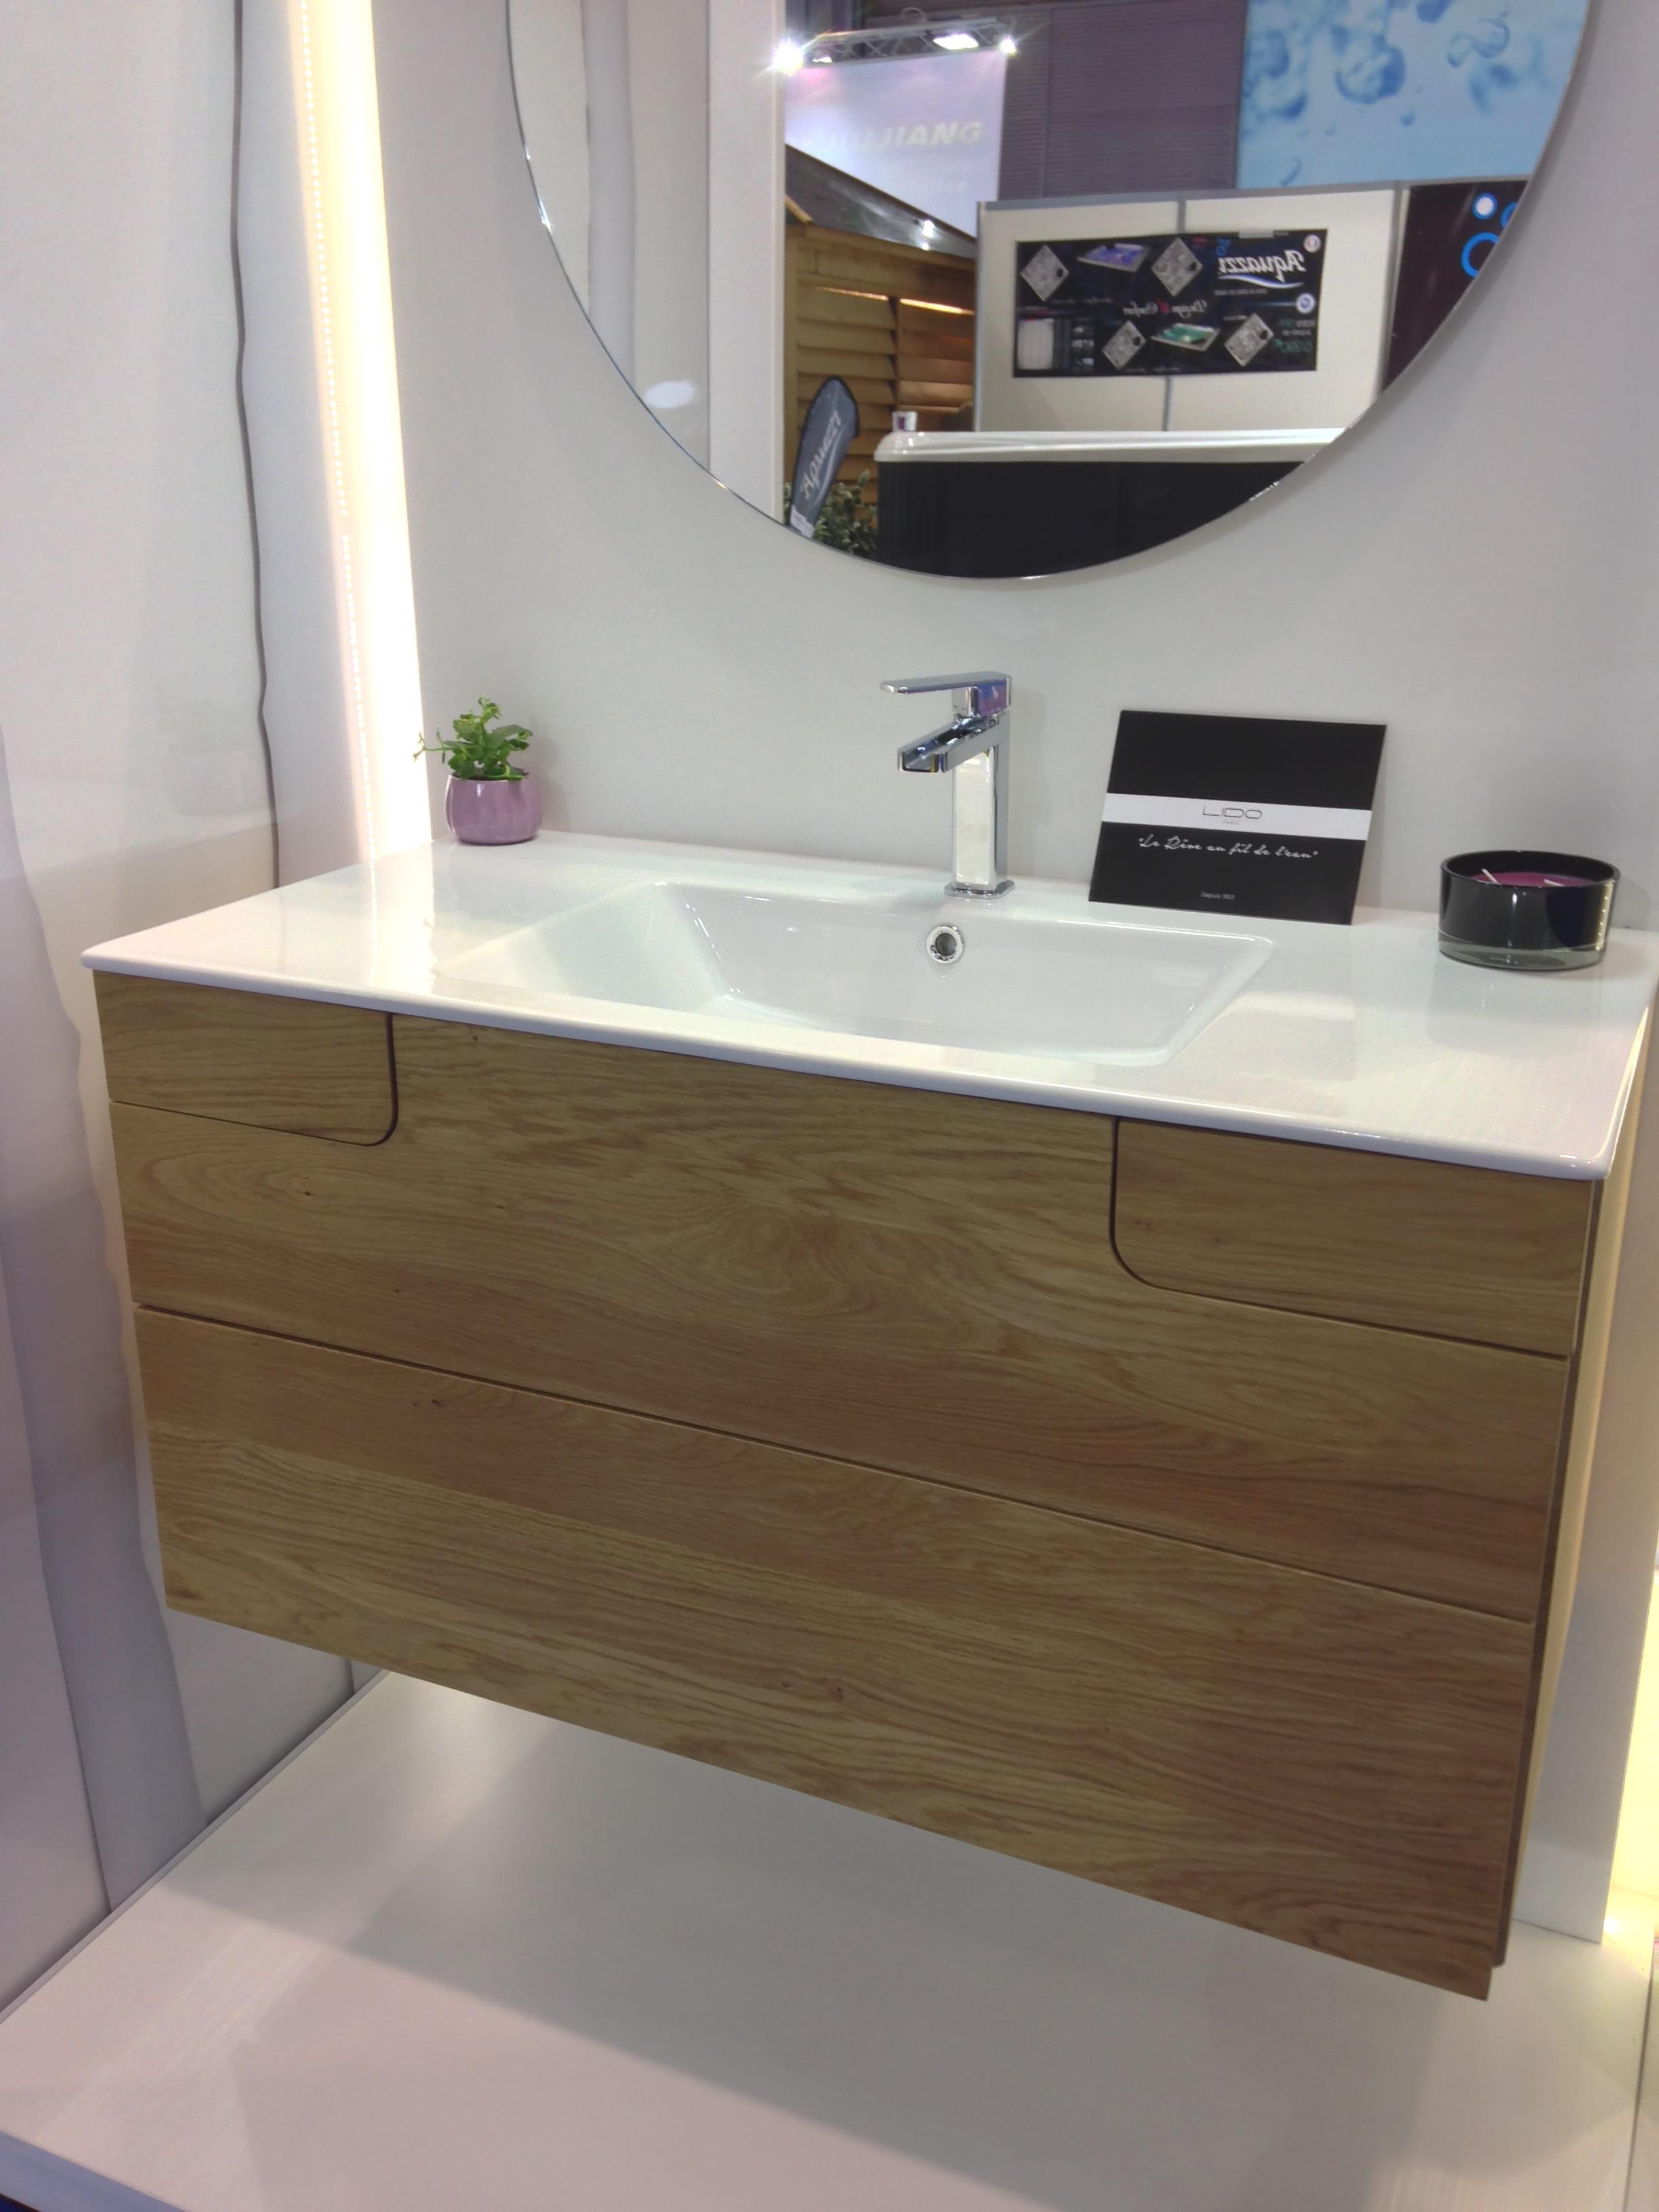 meuble vasque astucieux de lido salon id obain plong e au c ur des nouveaut s salle de bains. Black Bedroom Furniture Sets. Home Design Ideas